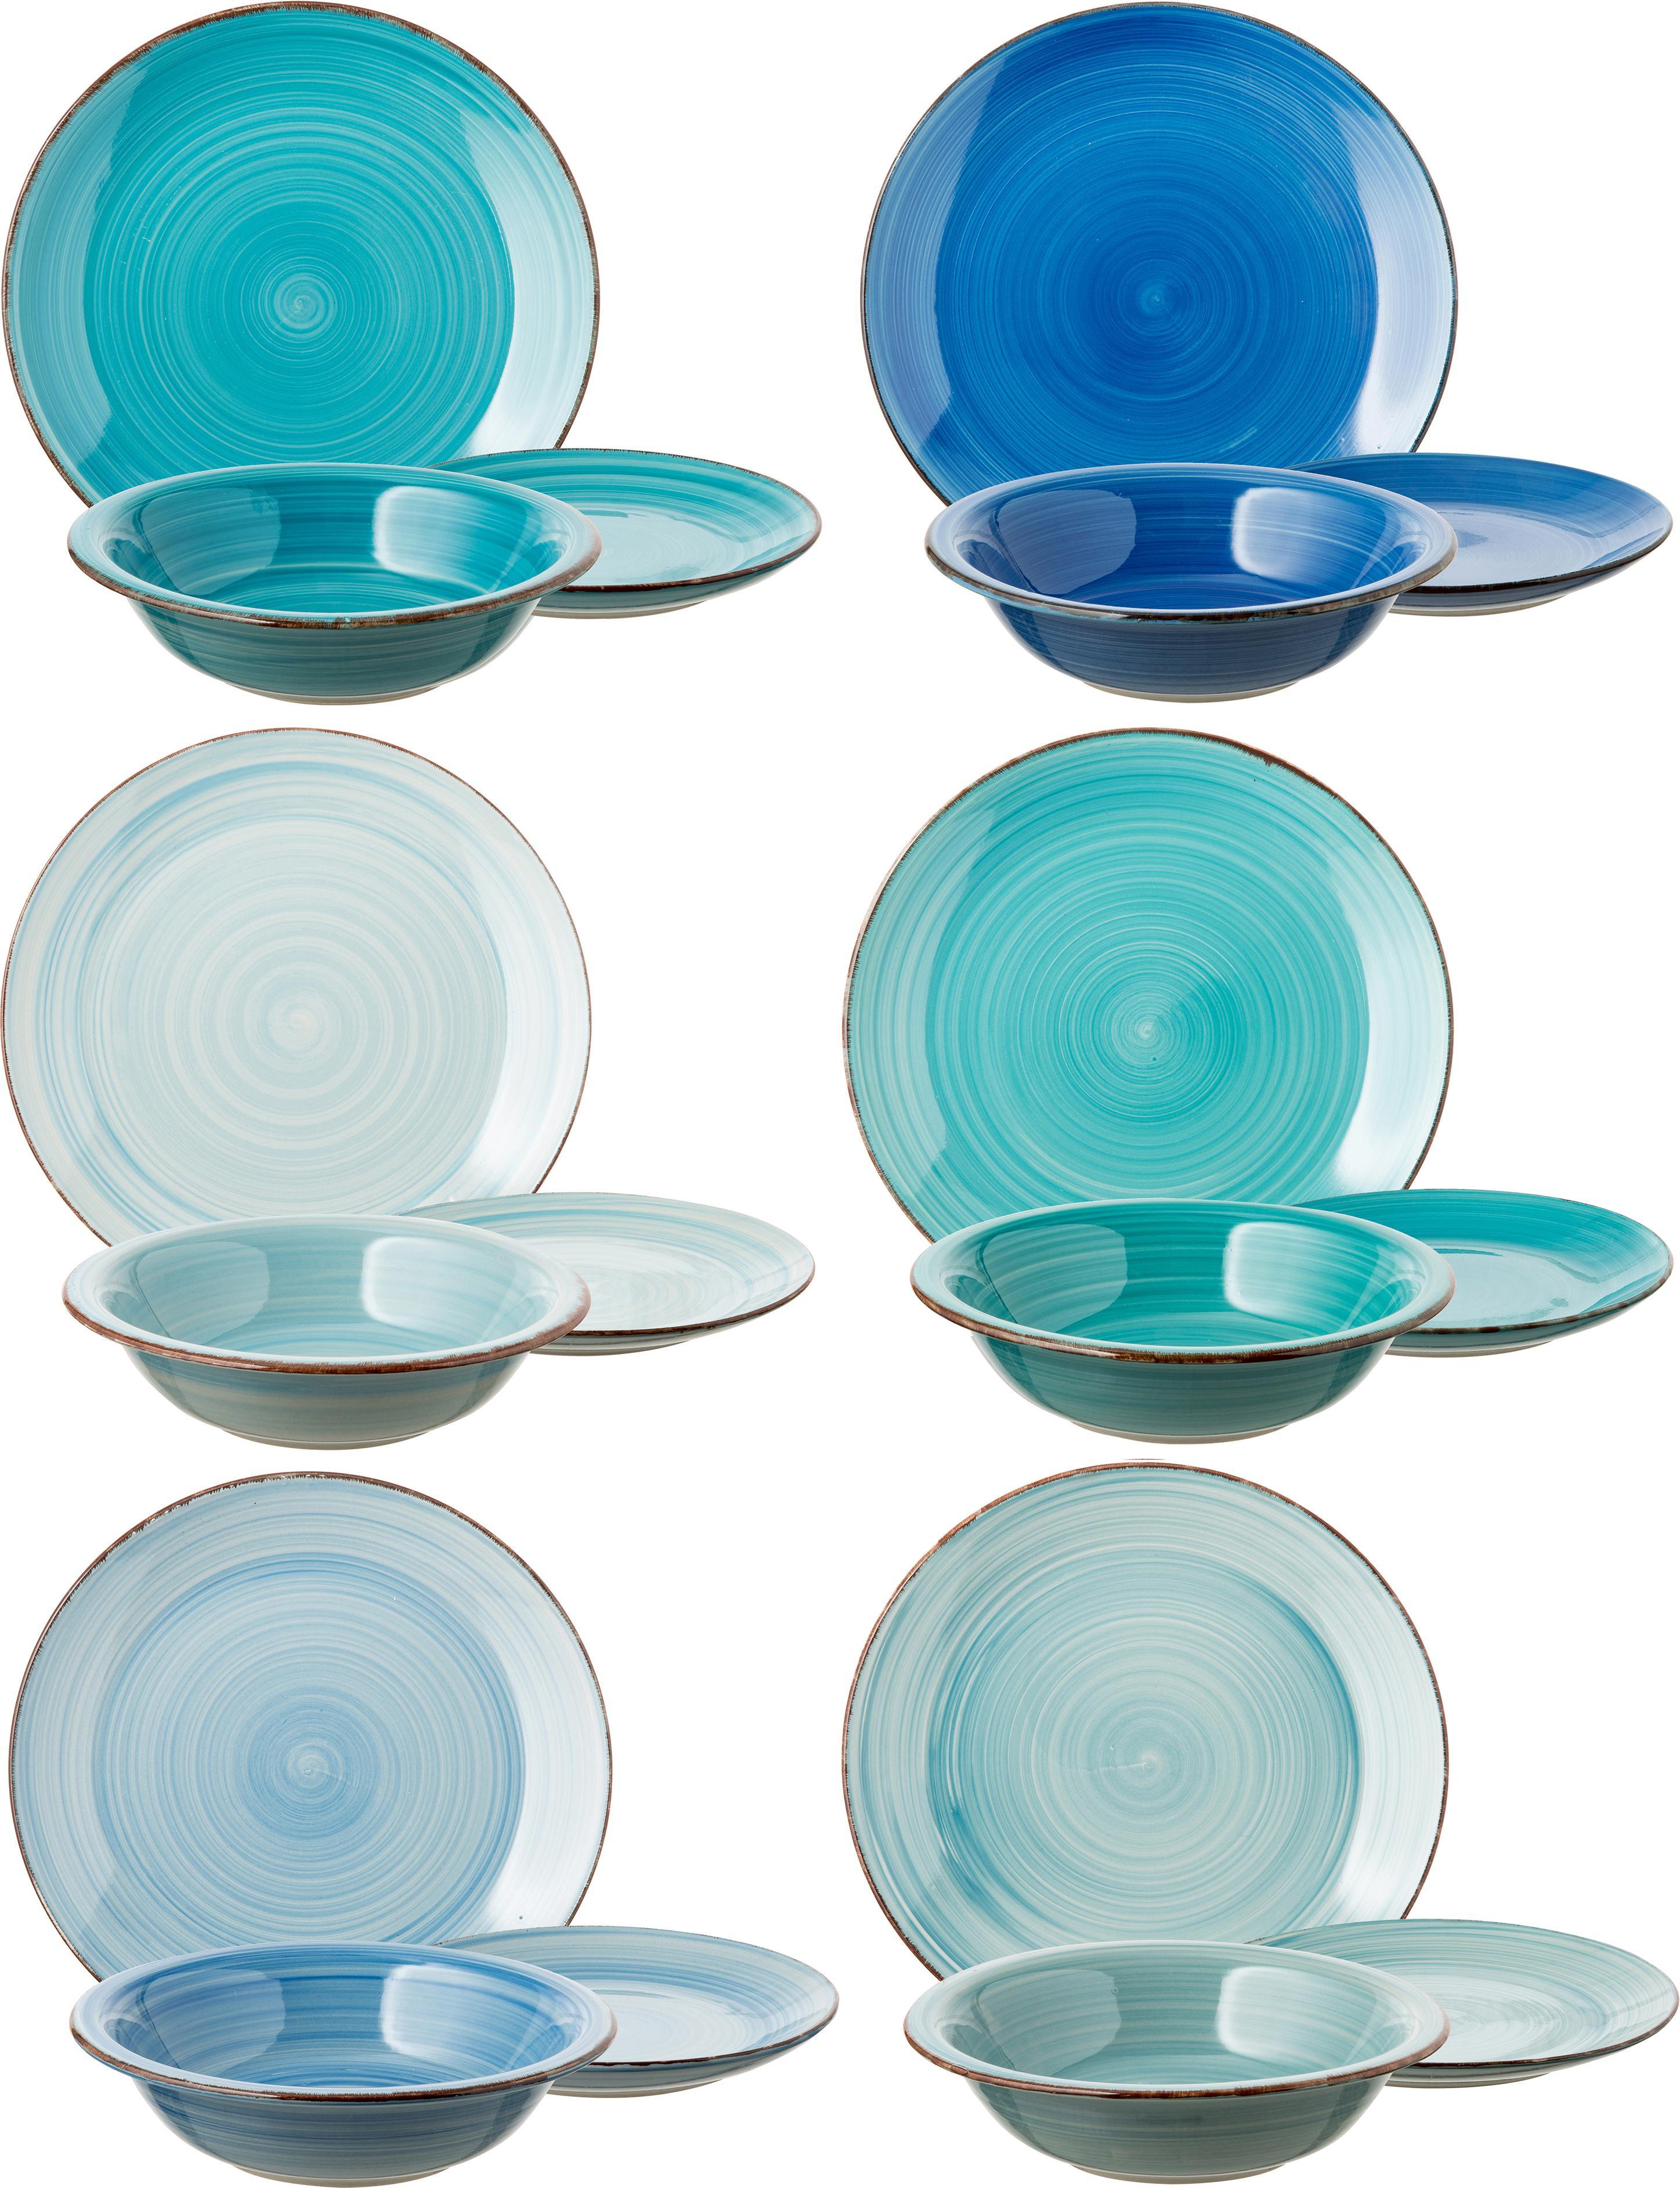 Vajilla artesanales Baita, 6comensales (18pzas.), Gres (dolomita) pintadoamano, Tonos de azul, menta y turquesa, Set de diferentes tamaños